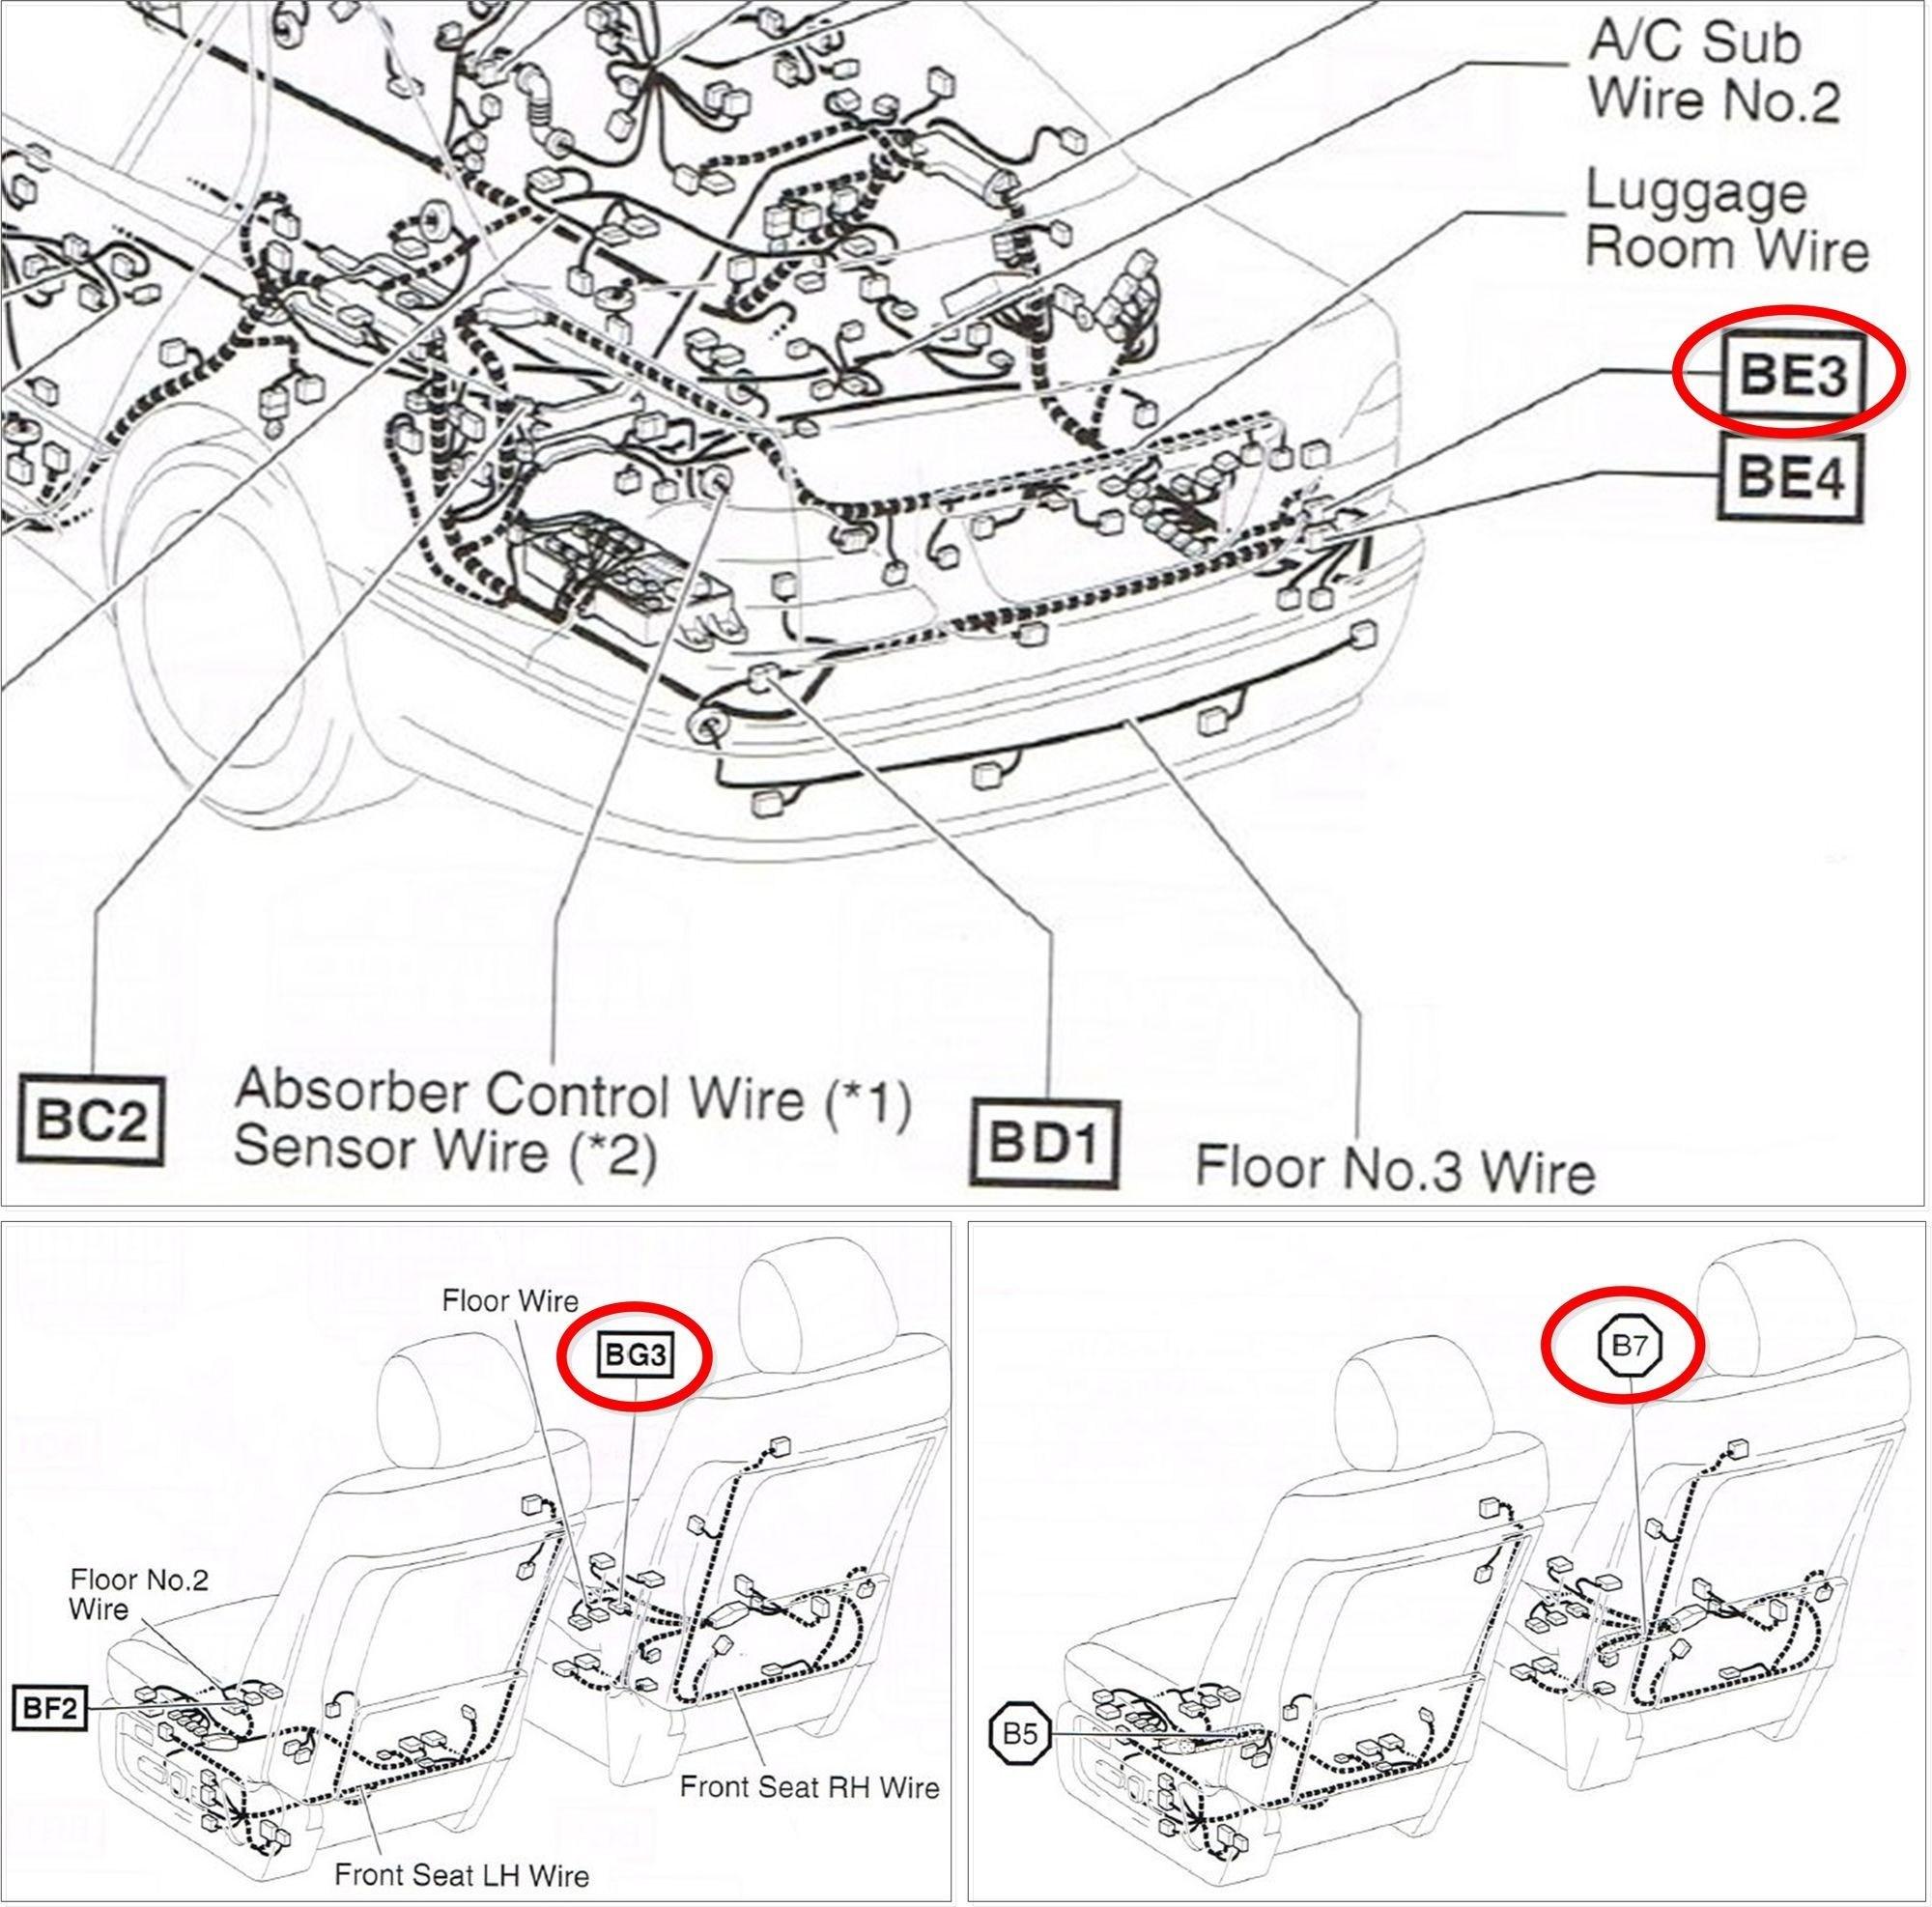 lexus rx wiring diagram bk 6824  lexus rx 350 engine diagram 2007 lexus es 350 parts  lexus rx 350 engine diagram 2007 lexus